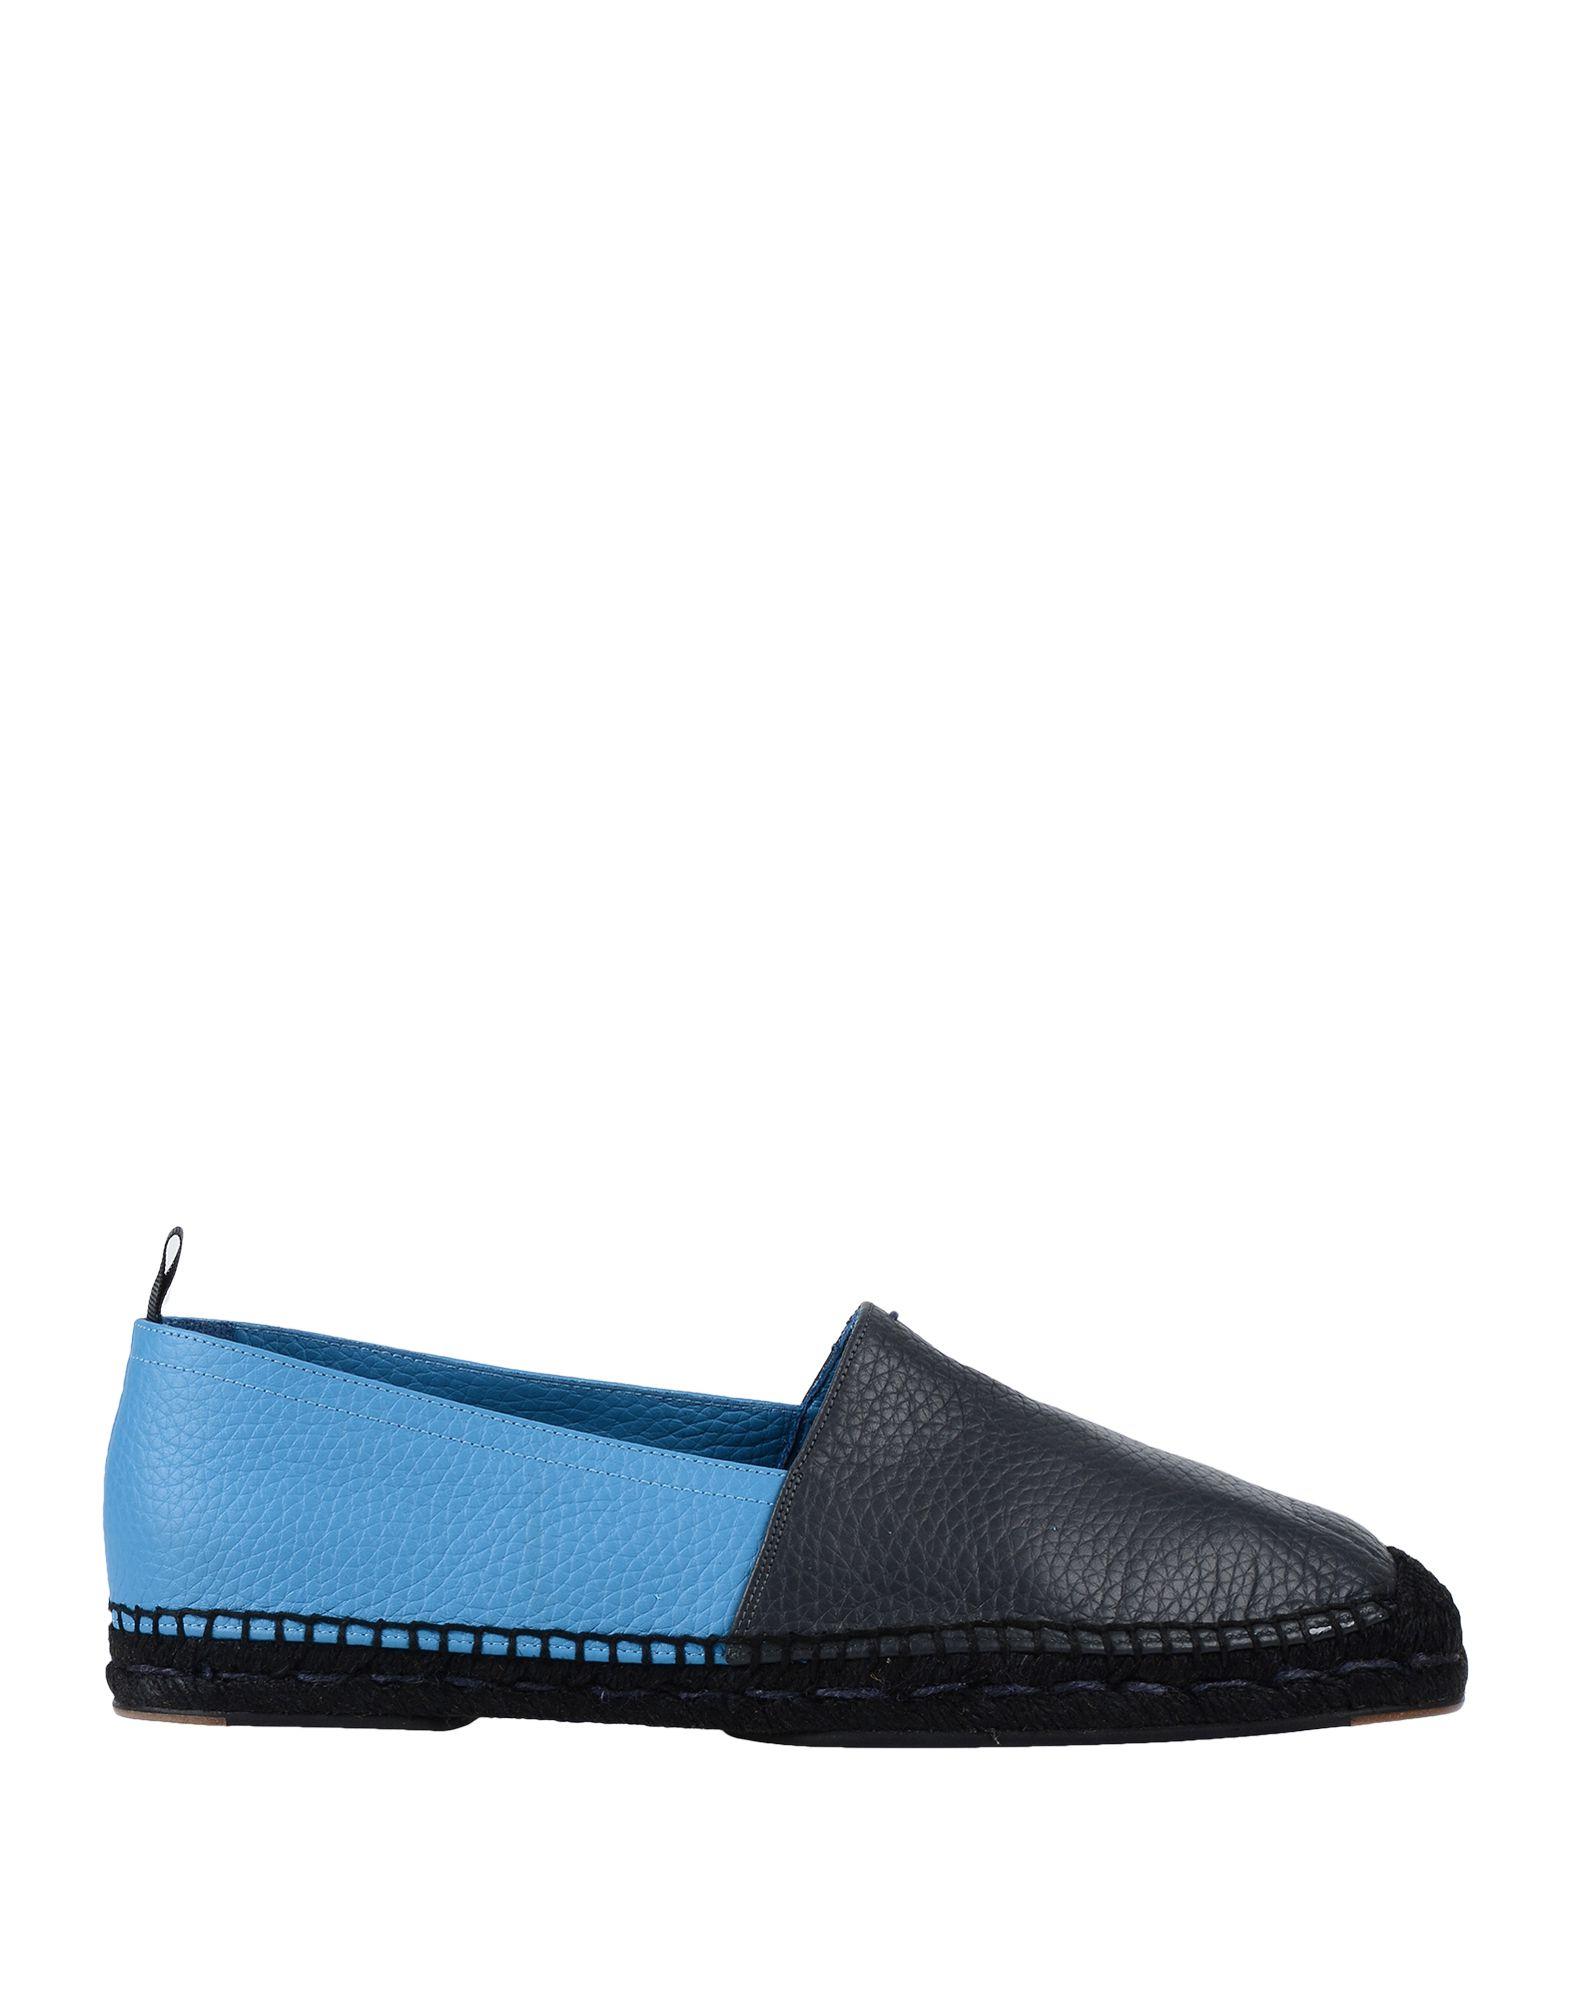 Chaussures Homme Fendi jusqu à - 45 % - soldes deuxième démarque b179d5d9eed